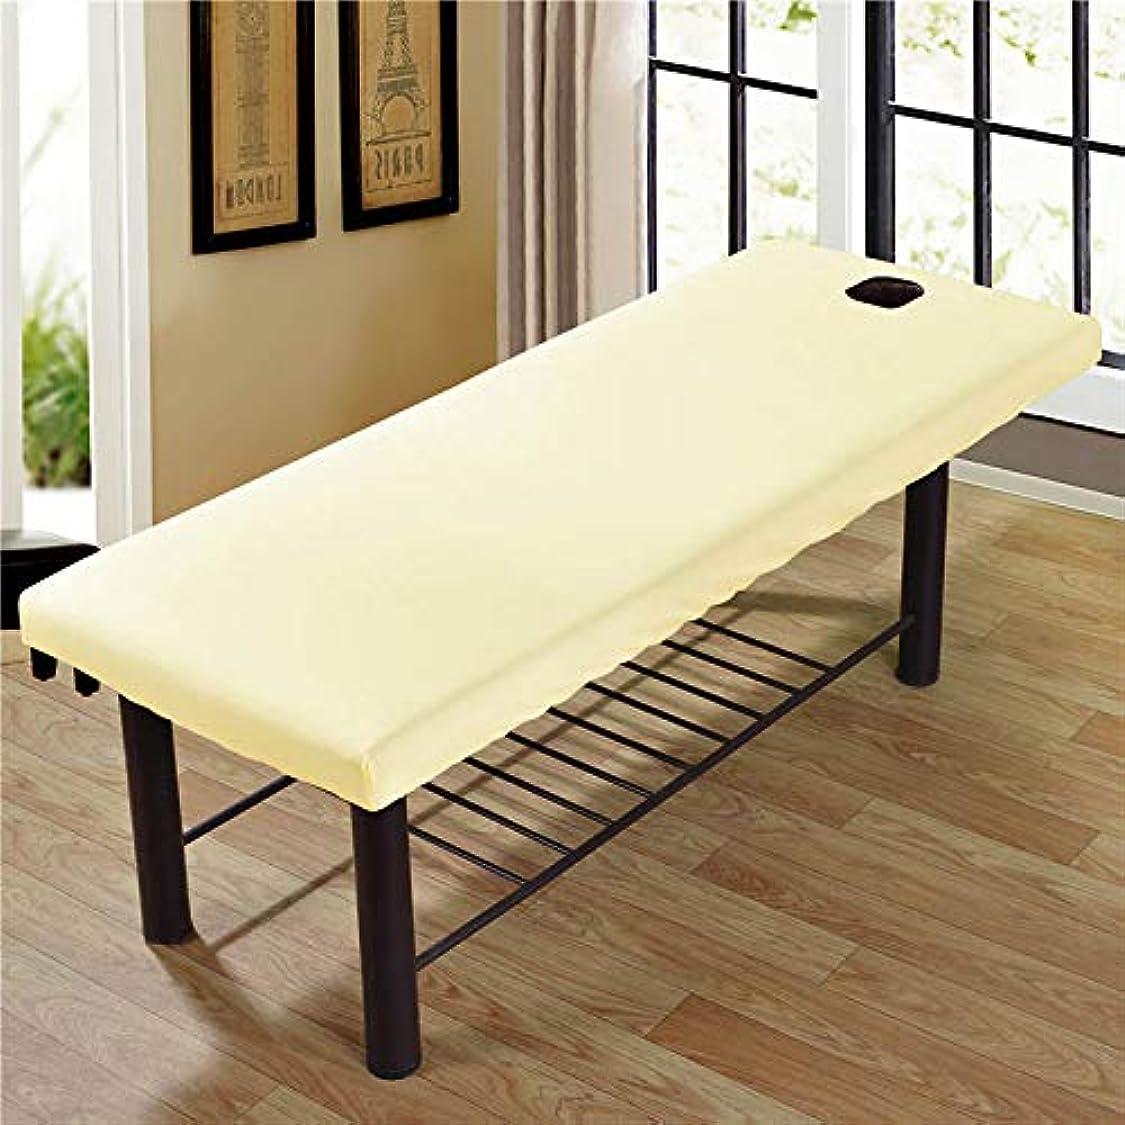 小屋ロードされた激怒Tenflyer 美容院のマッサージ療法のベッドのための柔らかいSoliod色の長方形のマットレス